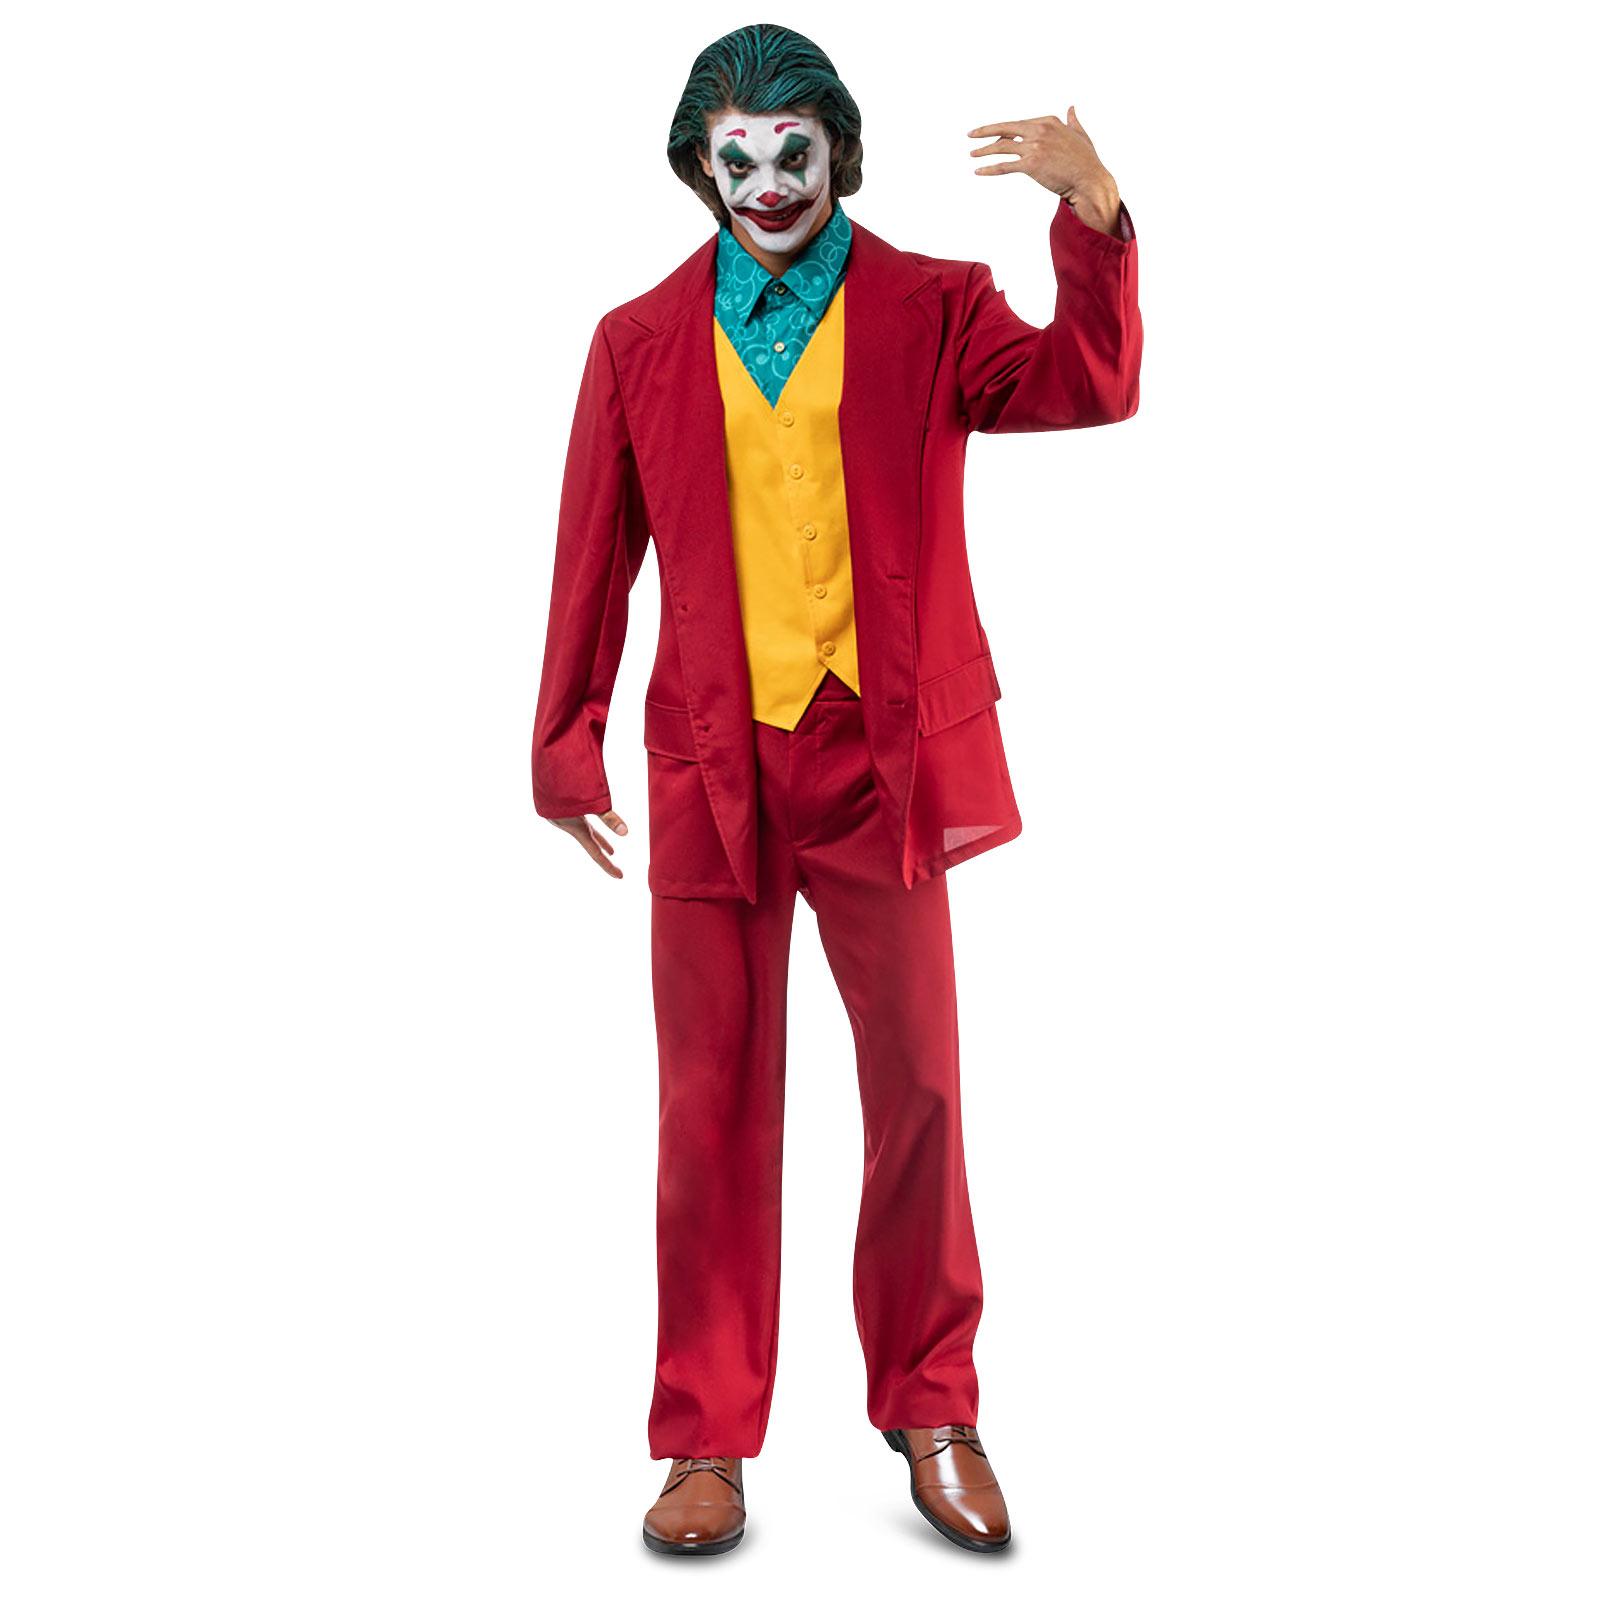 Mr. Crazy Kostüm Film Anzug für Joker Fans rot